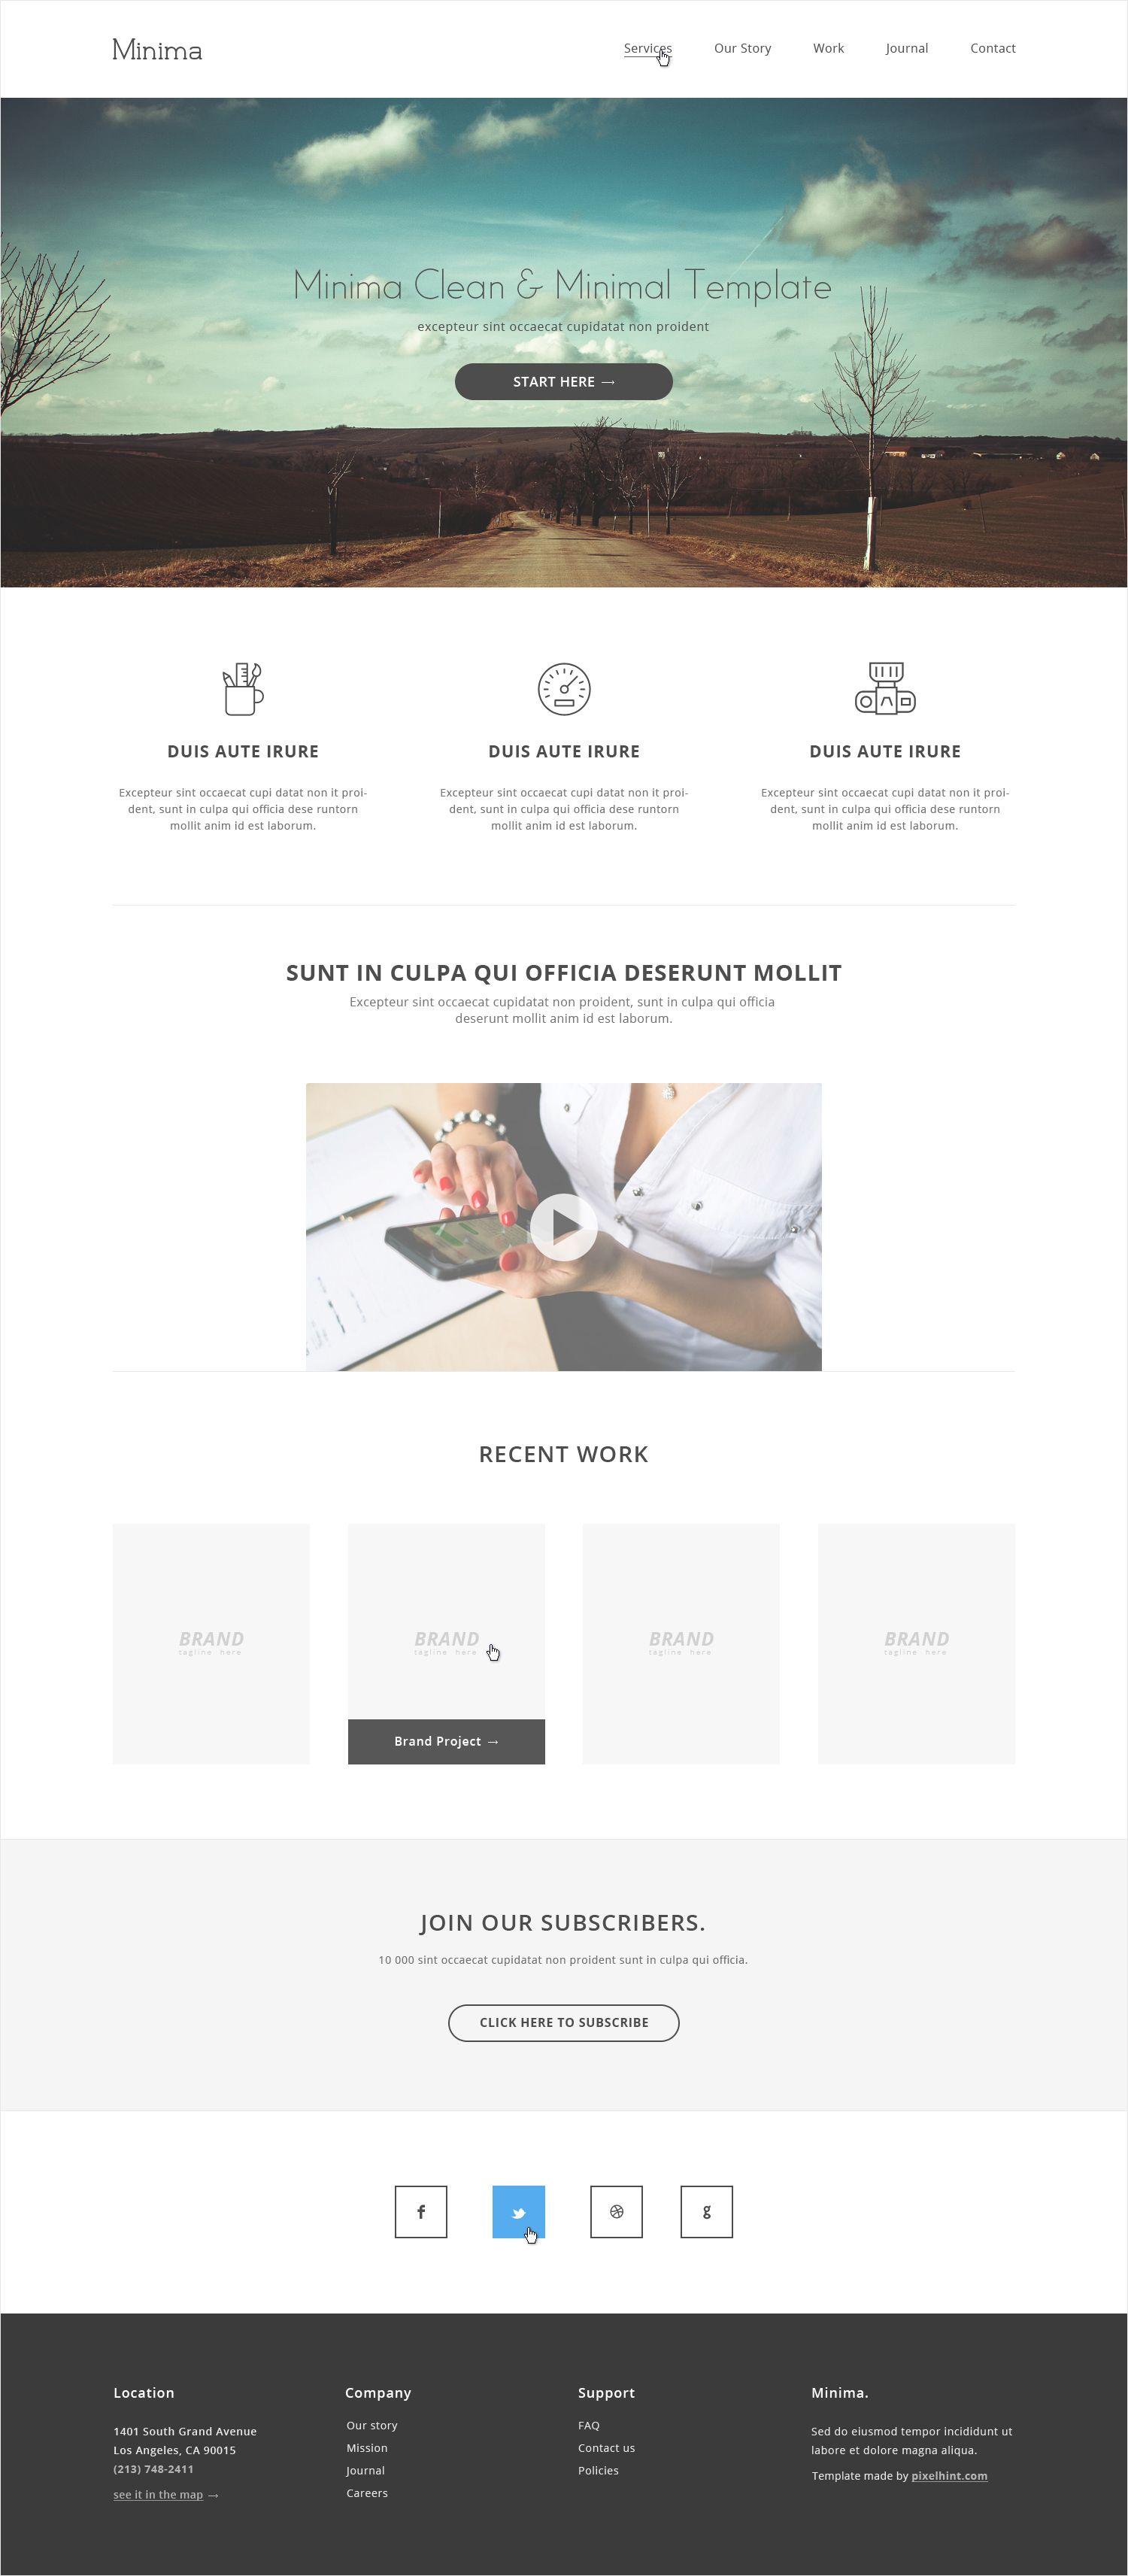 http://pixelhint.com/minima-free-html5-minimalist-website ...